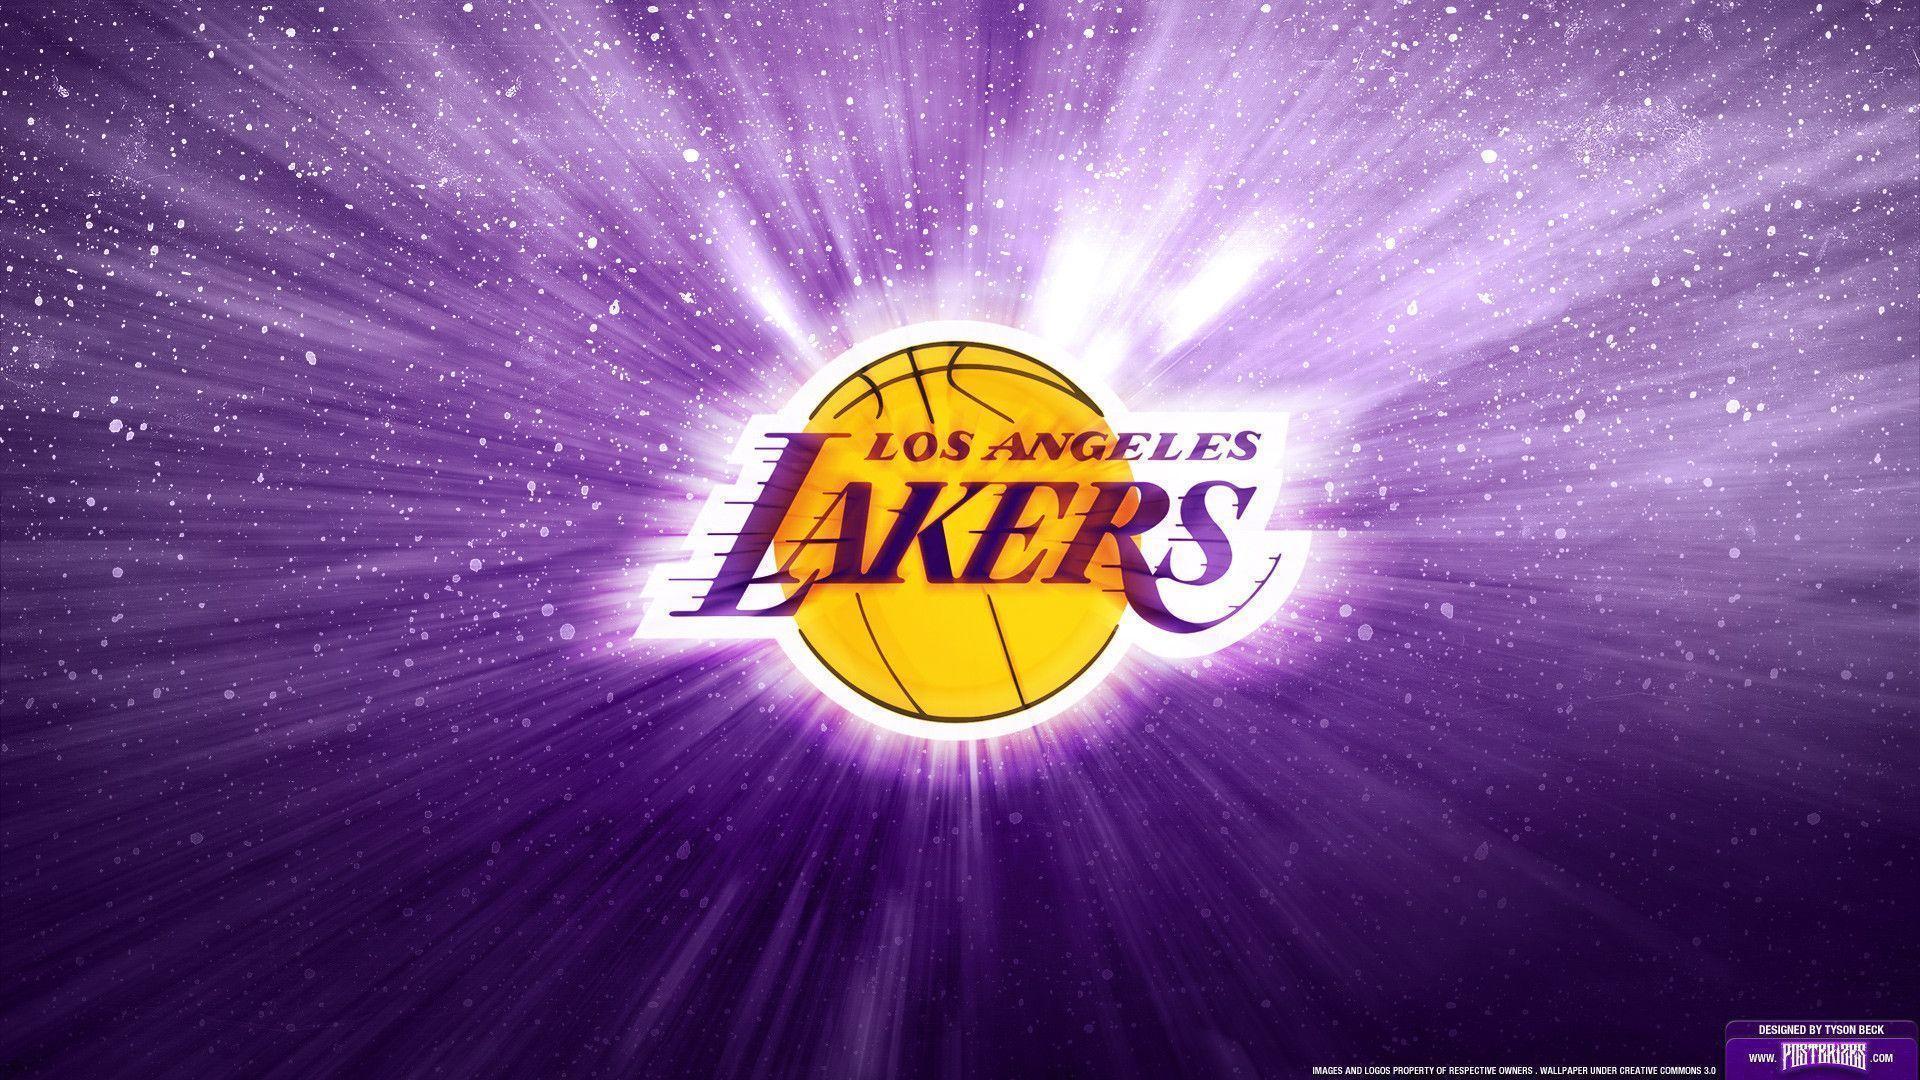 73] Lakers Wallpaper on WallpaperSafari 1920x1080